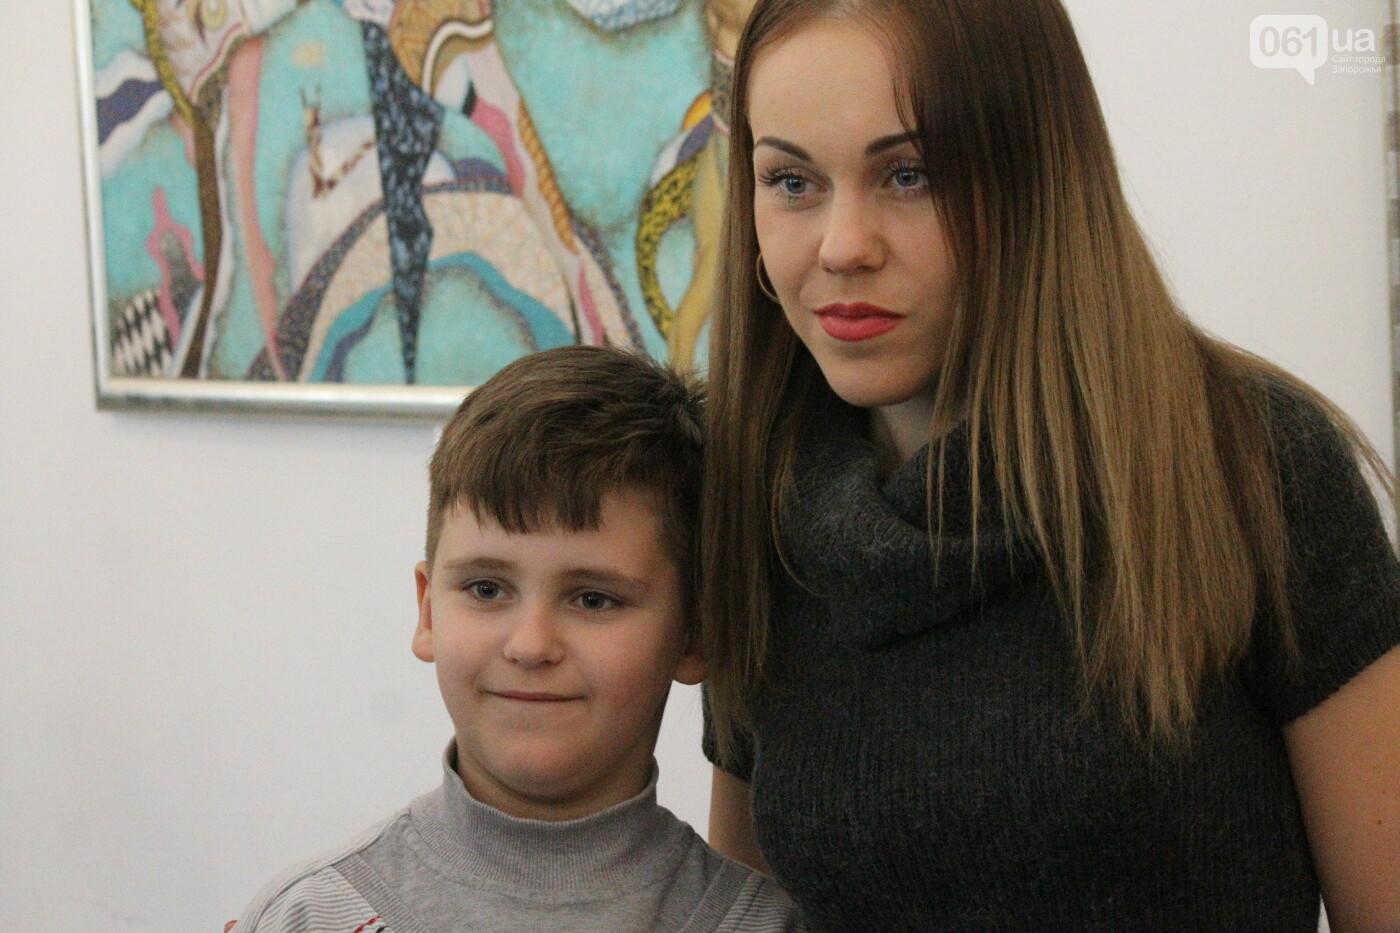 Перед концертом в родном Запорожье певица Alyosha провела автограф-сессию, – ФОТОРЕПОРТАЖ, фото-19